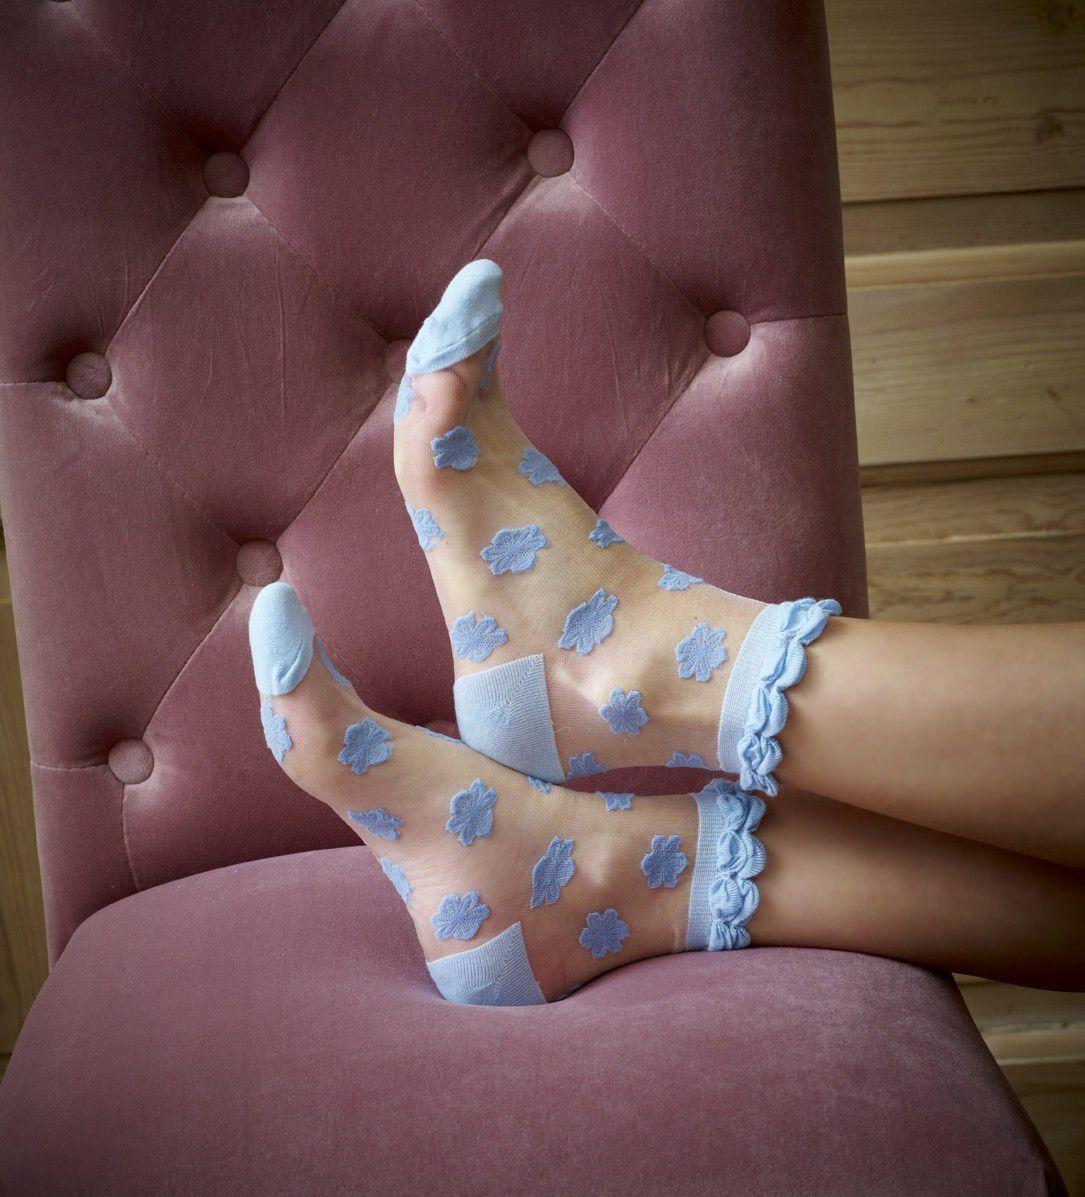 Blue Morning Glory Sheer Socks X 2